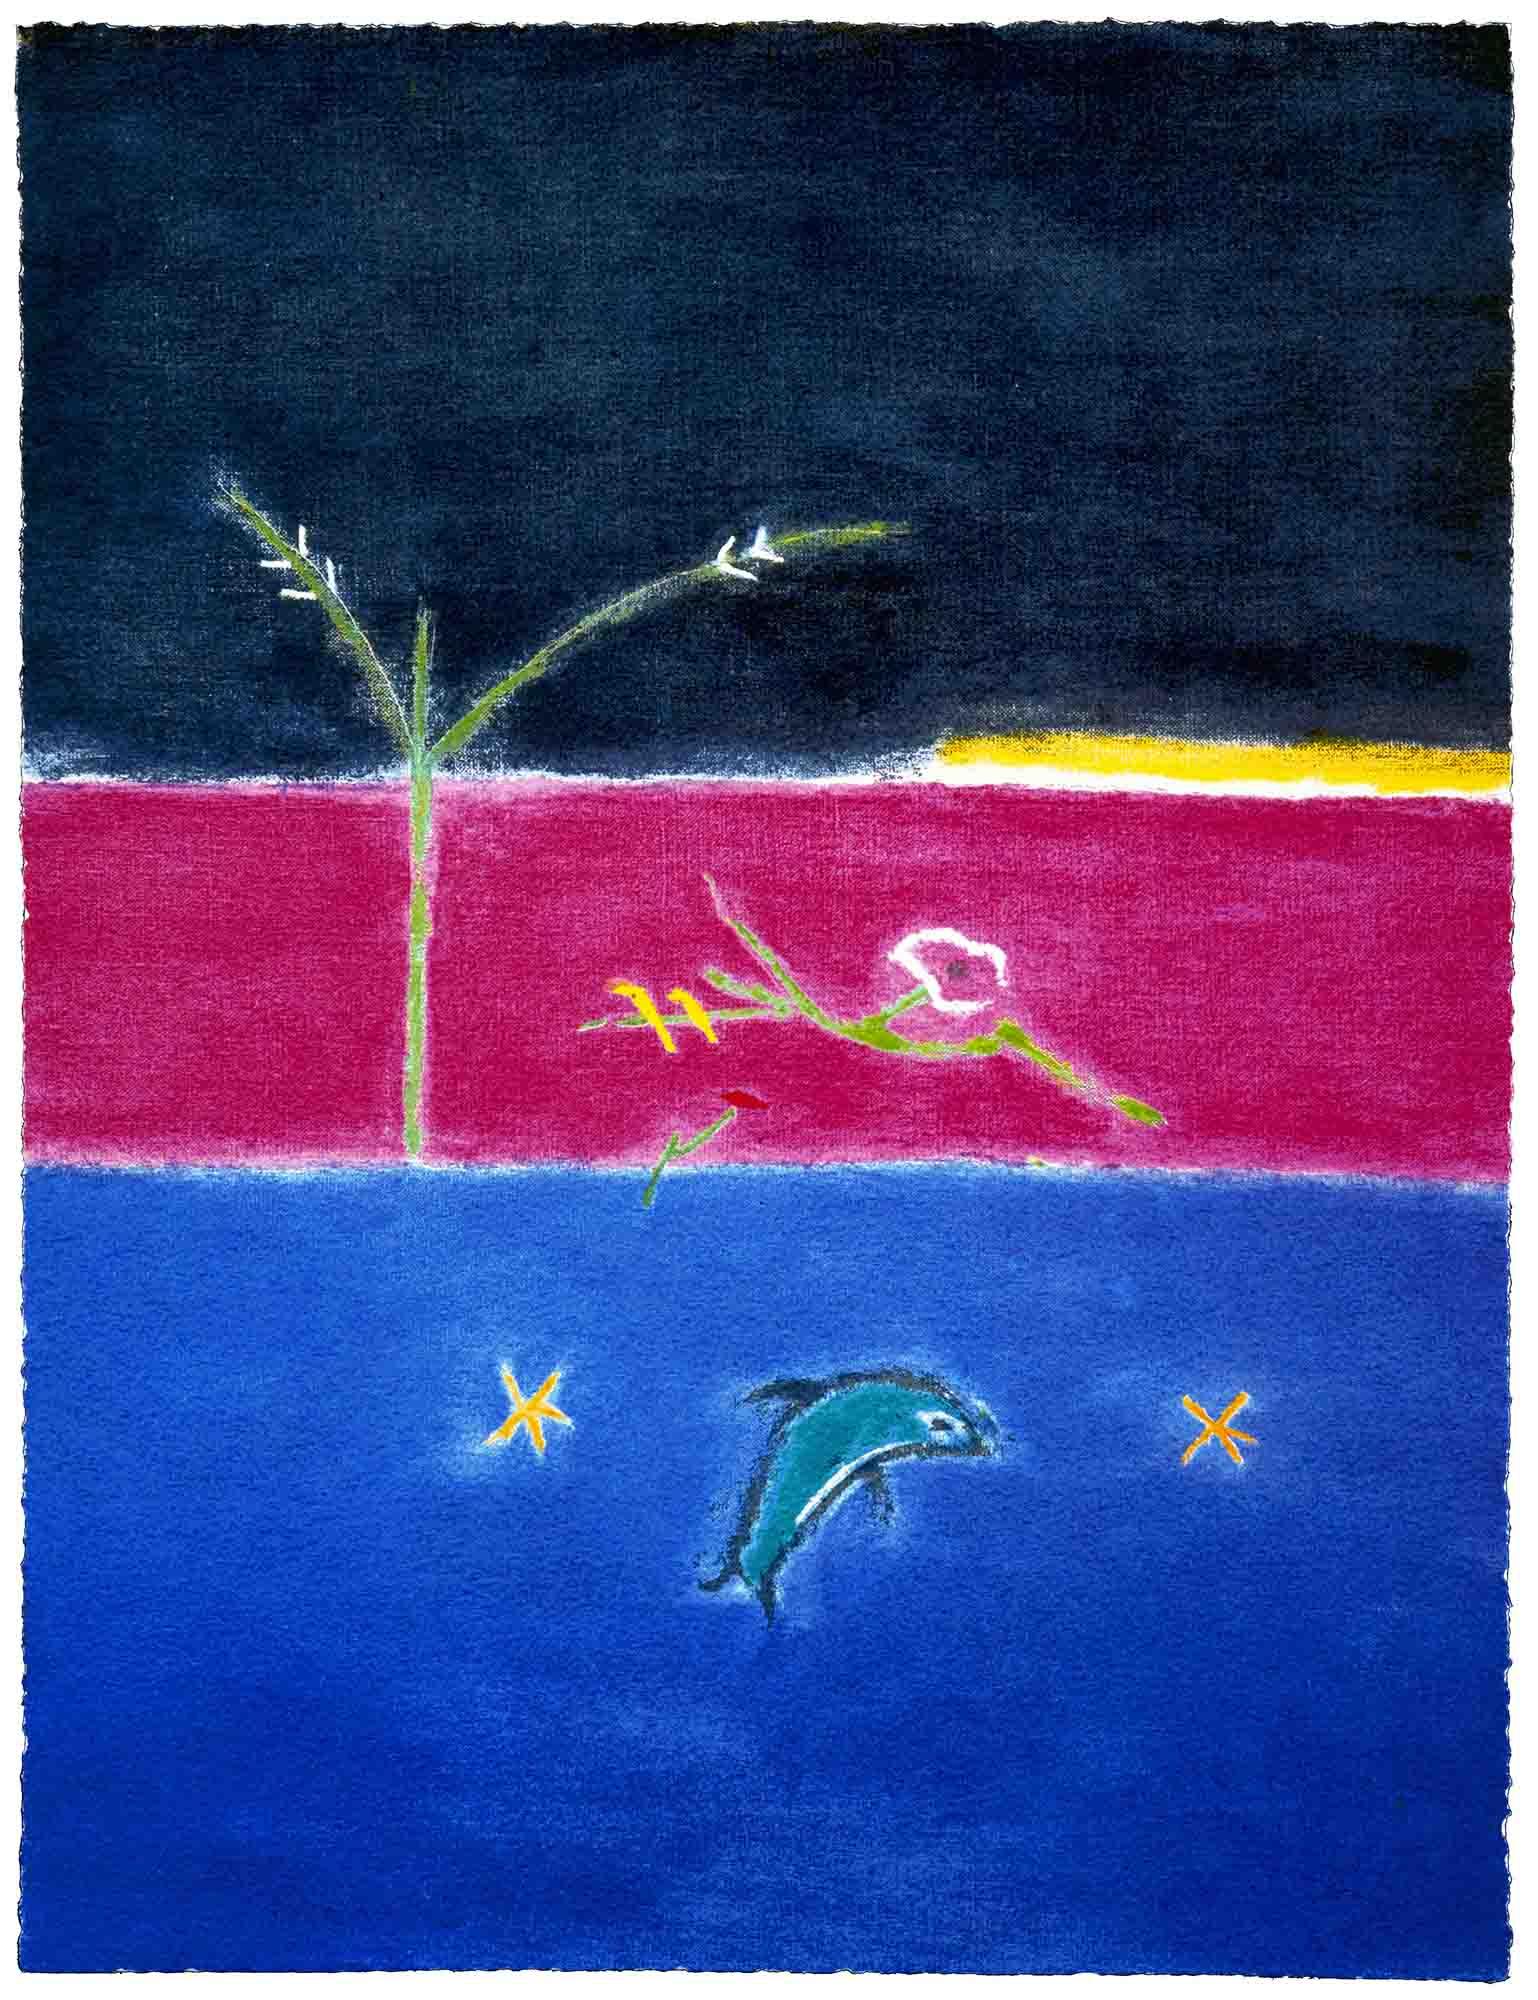 LOW Craigie Aitchison, Dolphin, 2004.jpg